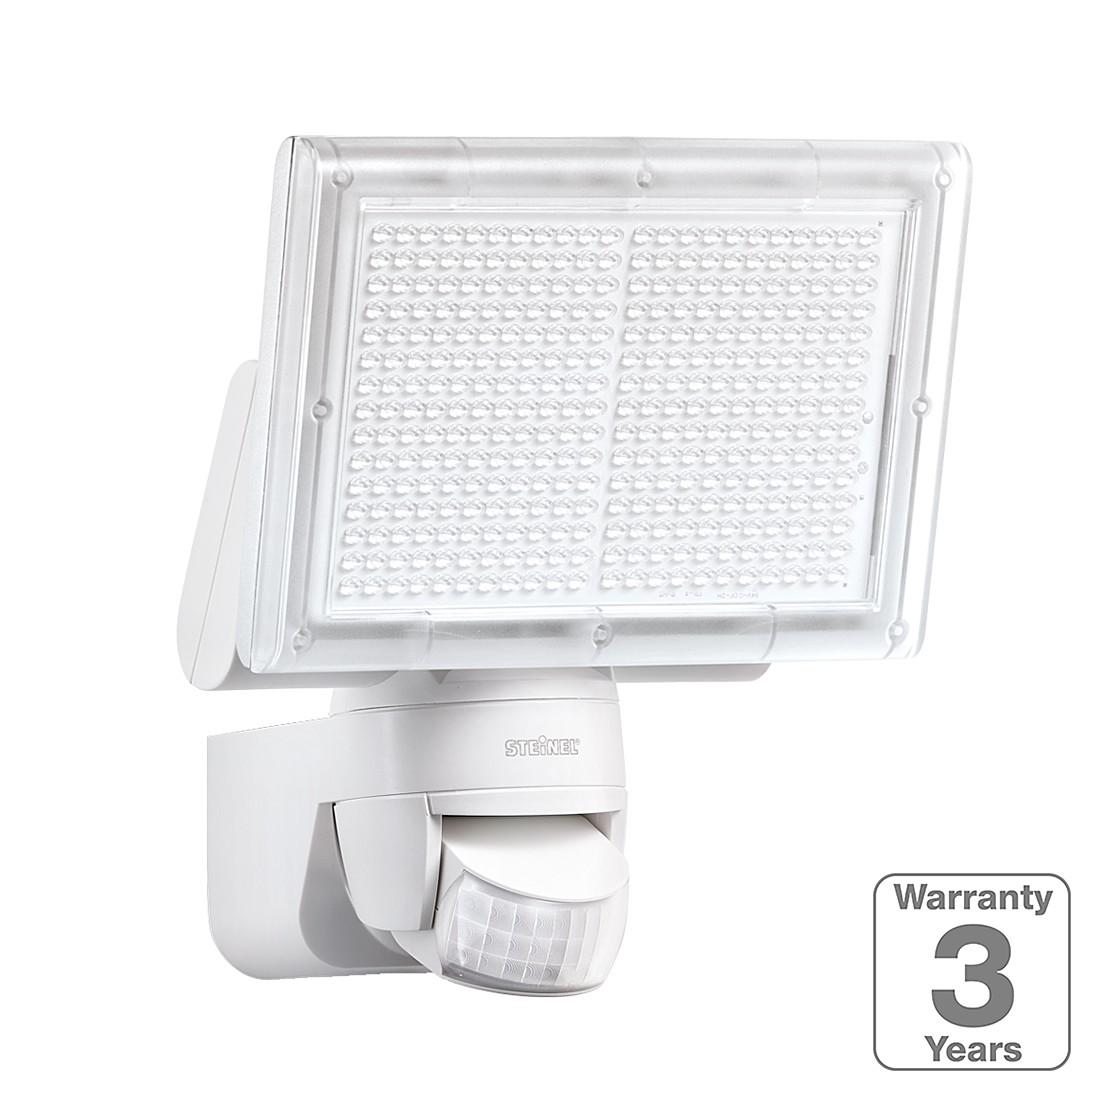 EEK A+, Sensor-LED-Strahler Xled Home – 330-flammig, Steinel online kaufen